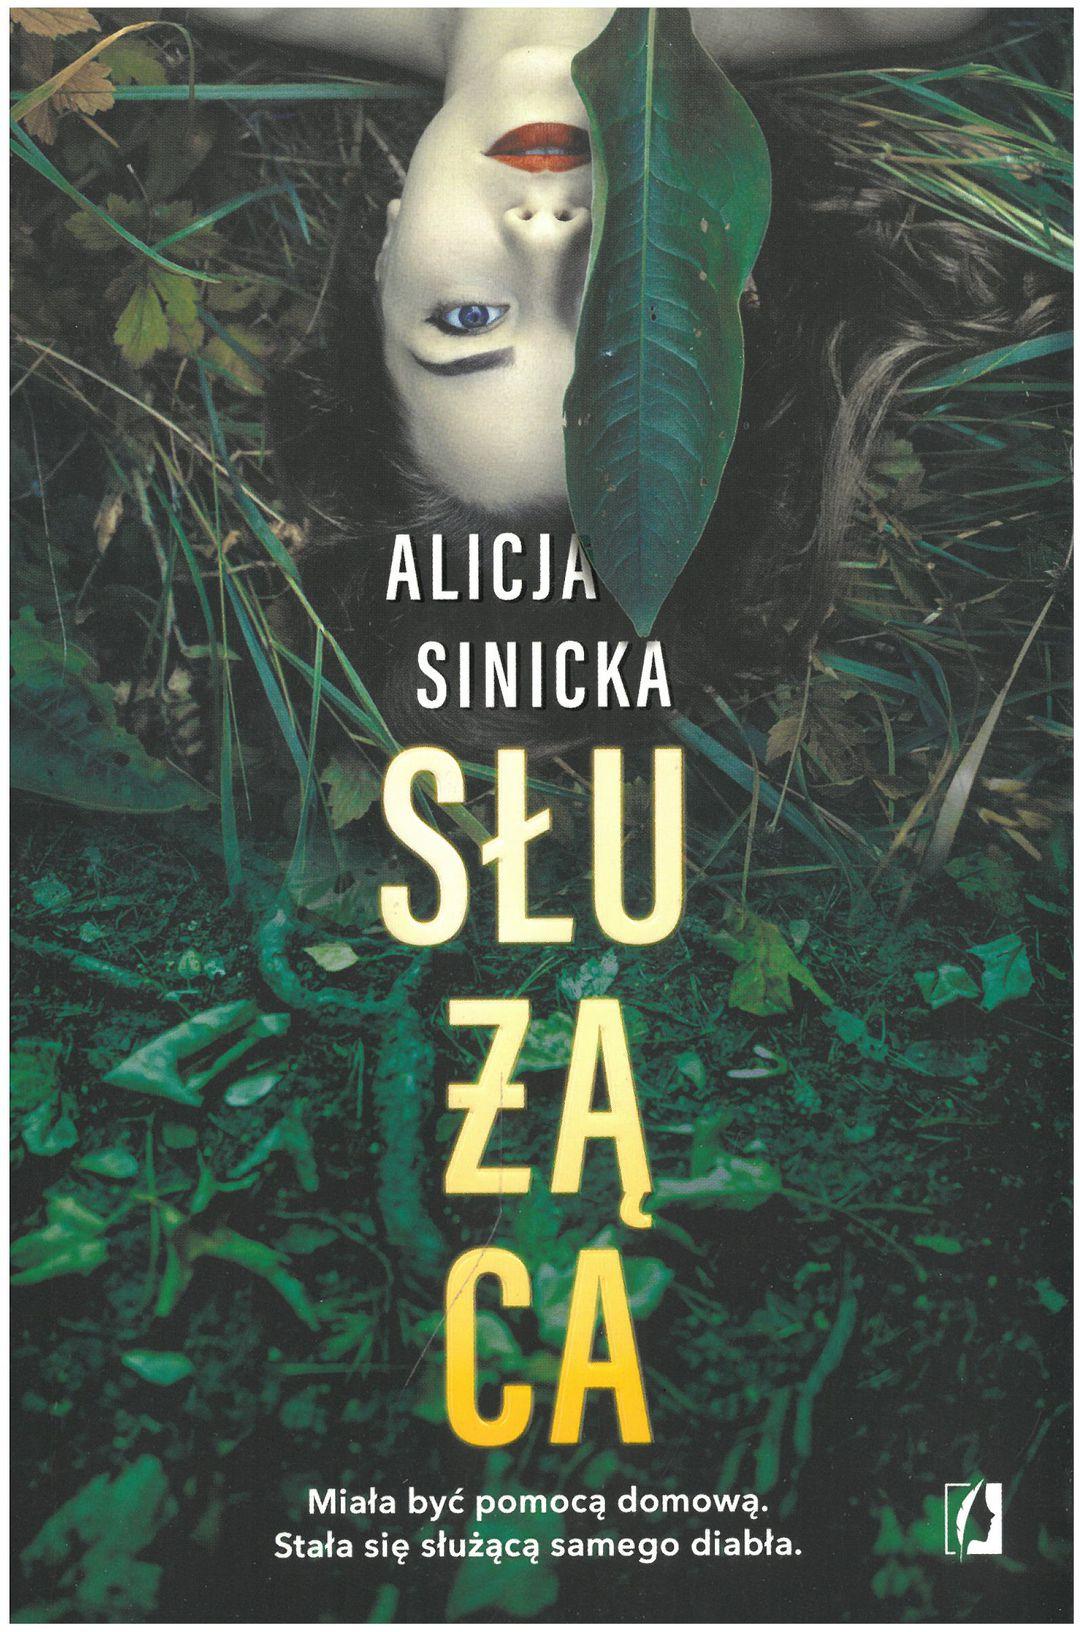 Sinicka Alicja – Służąca